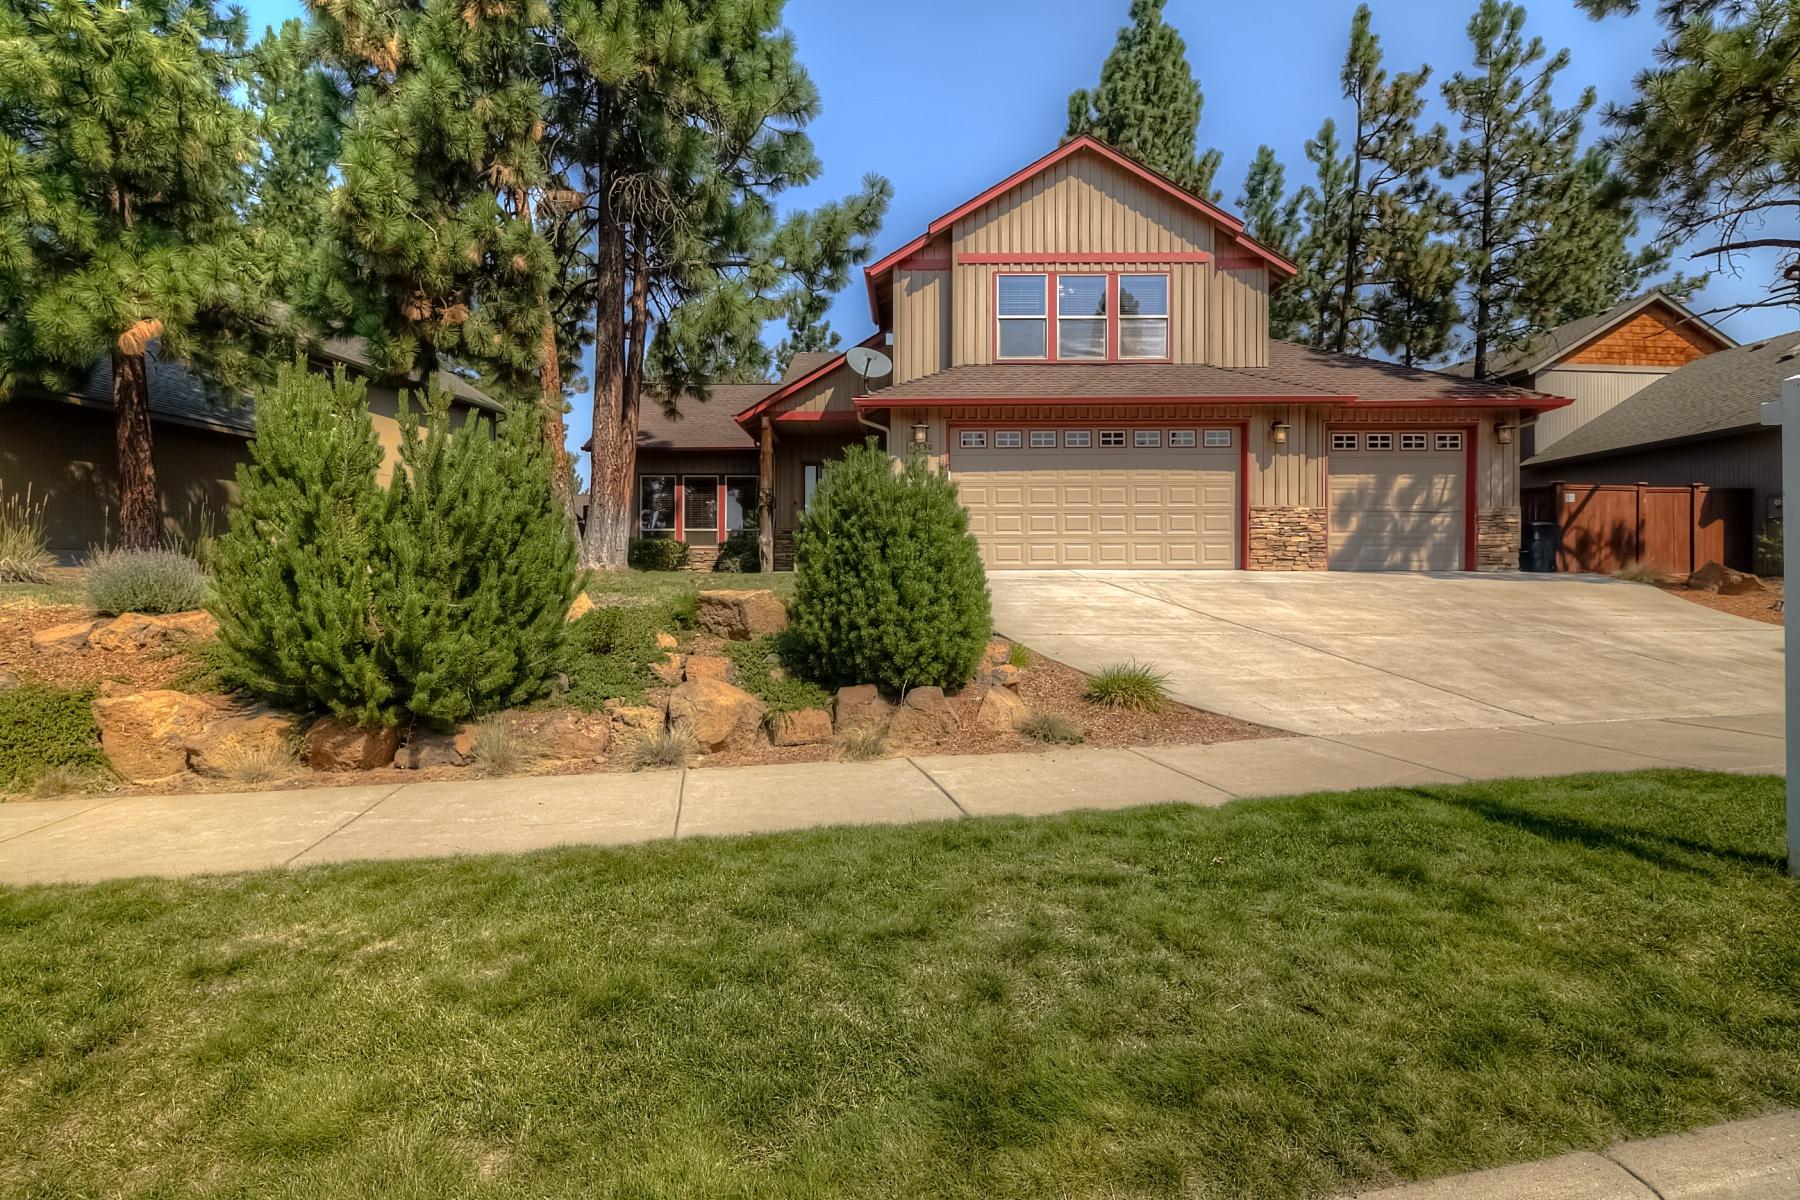 一戸建て のために 売買 アット 19850 Porcupine Drive, BEND Bend, オレゴン 97702 アメリカ合衆国